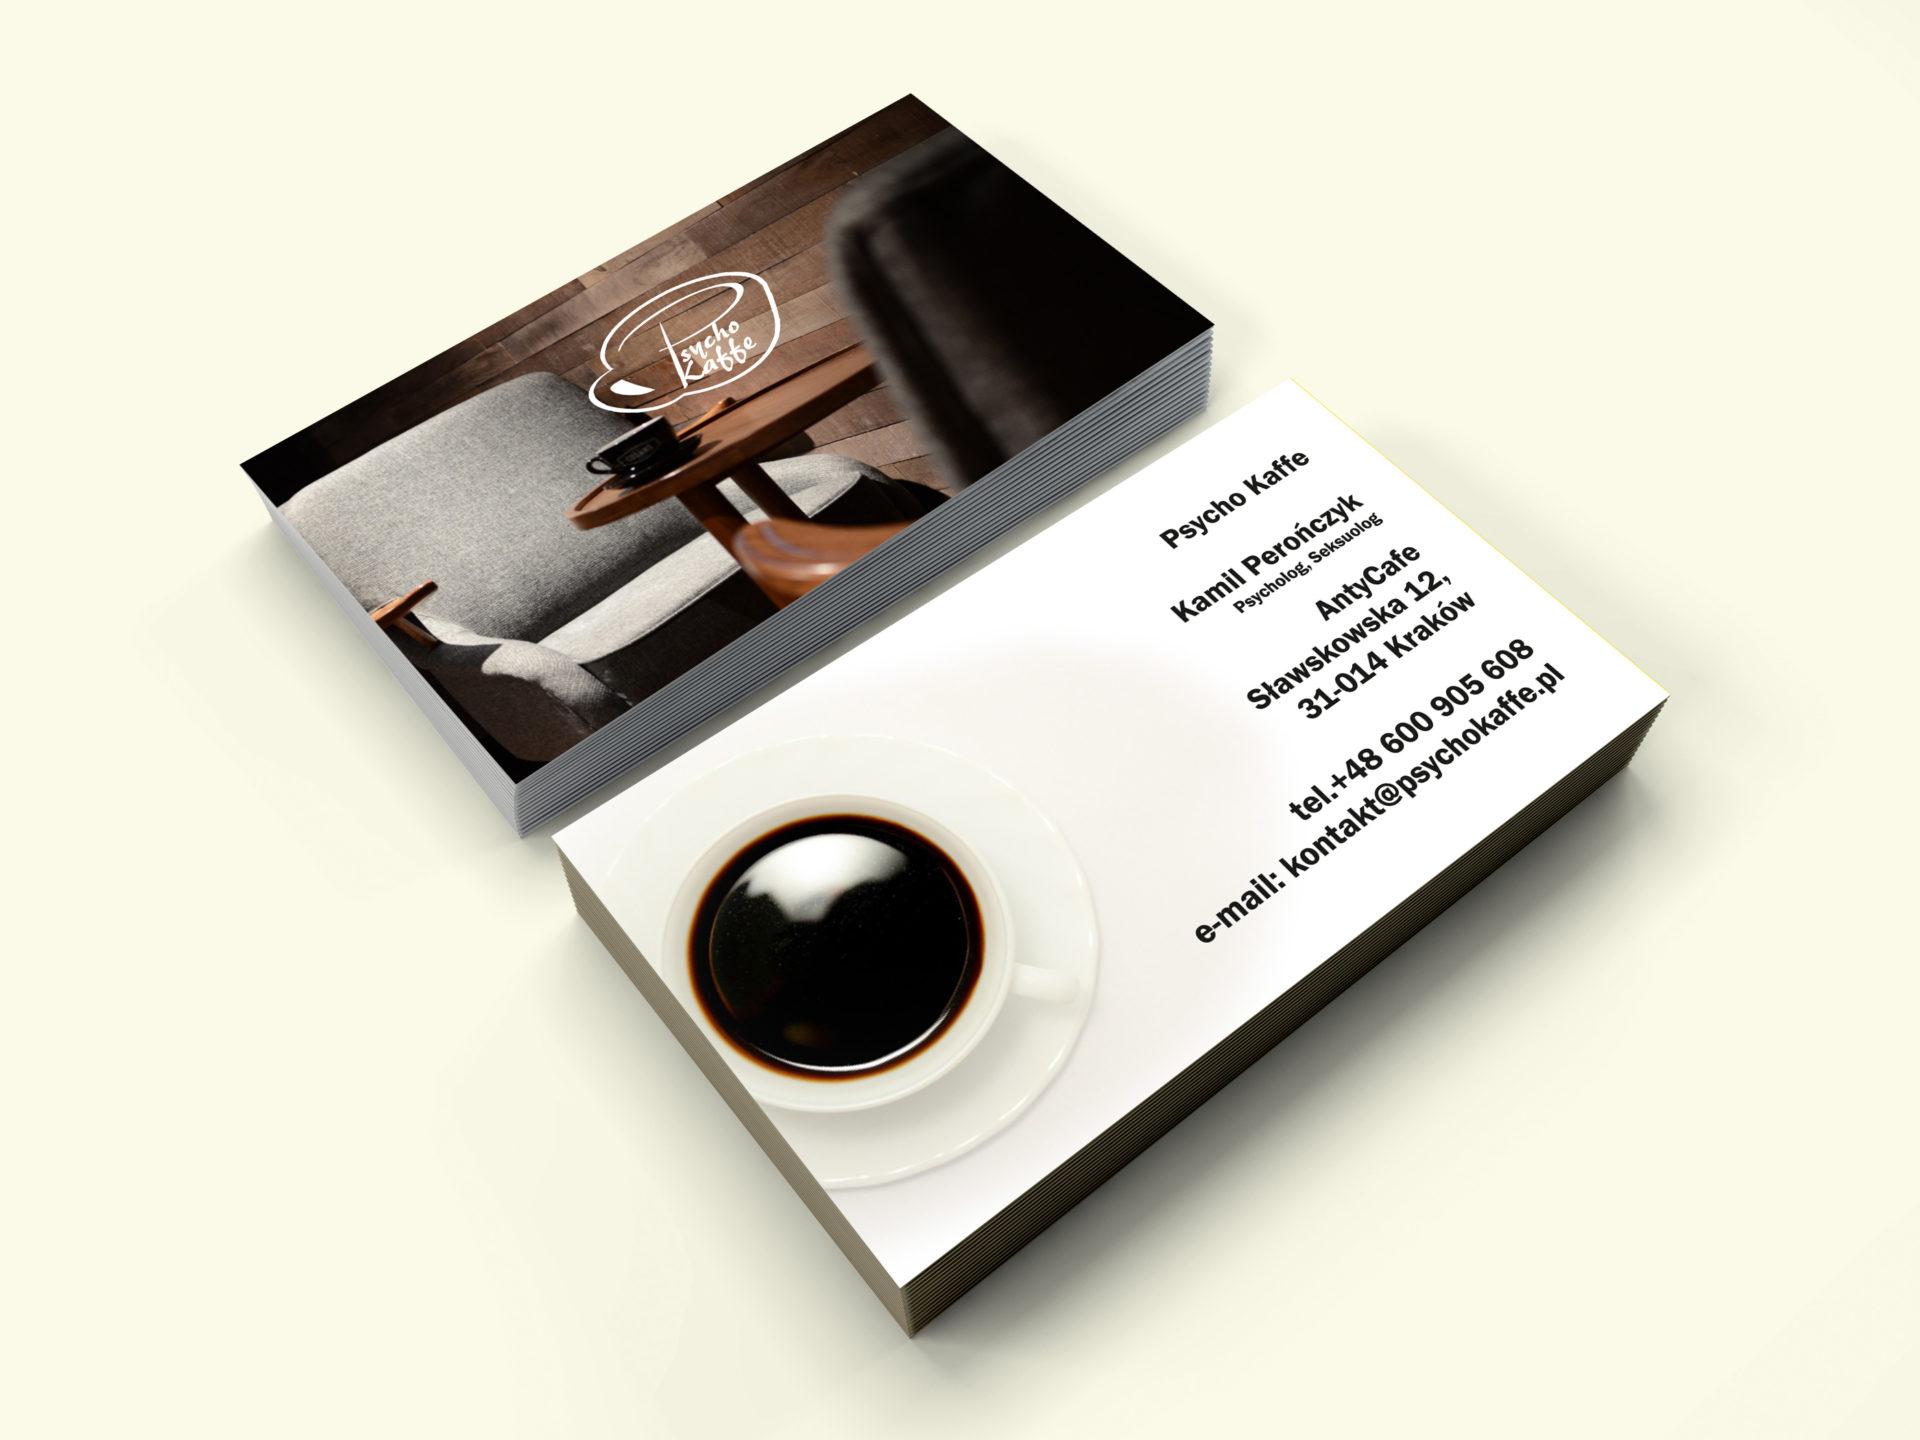 wizytowka-psycho-kaffe1